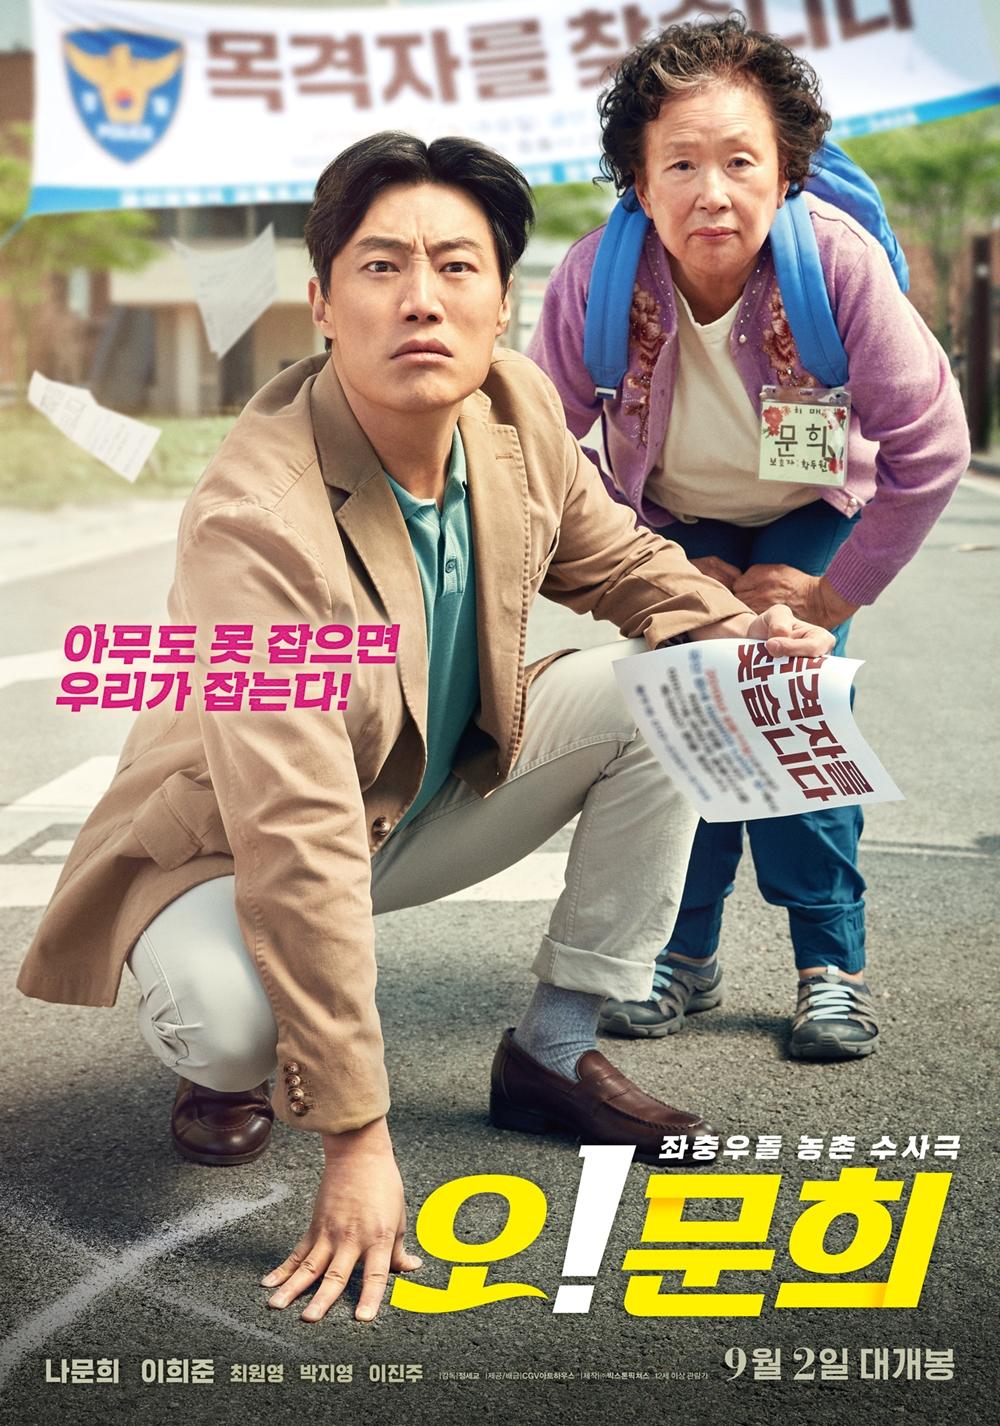 영화 '오! 문희' 포스터. 사진 CGV 아트하우스